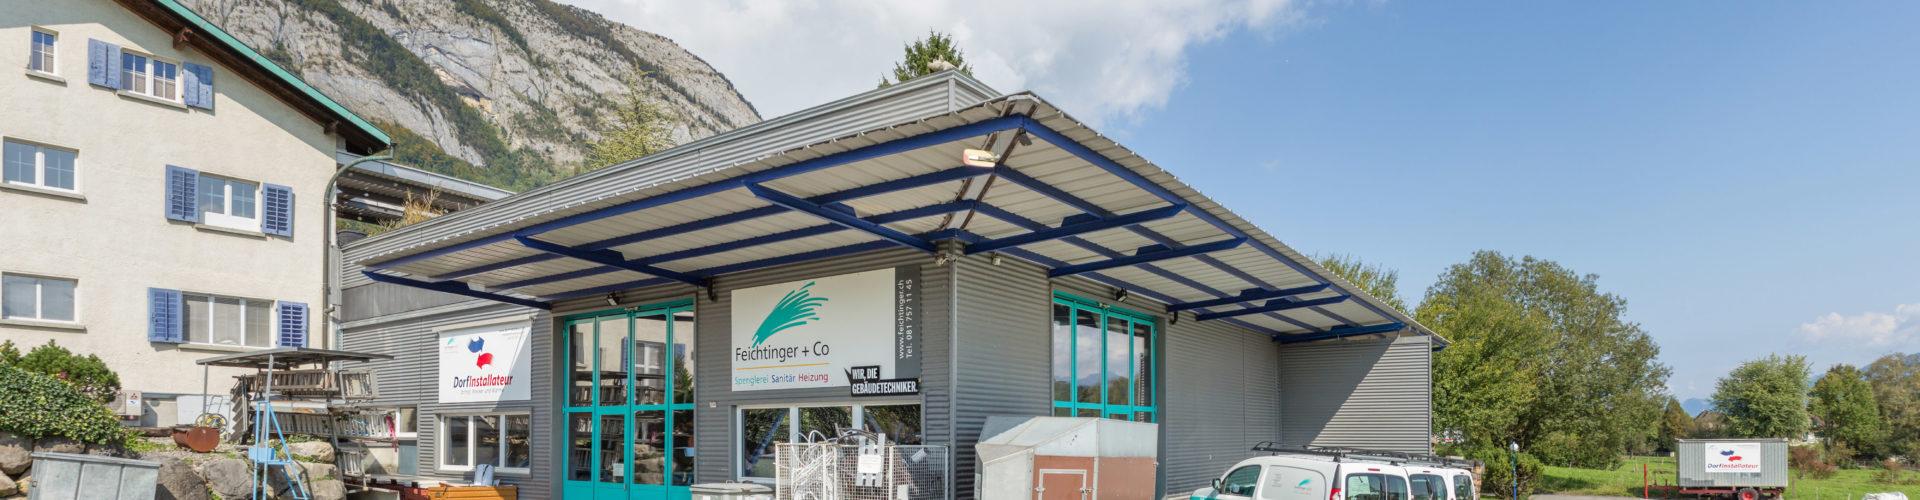 Dorfinstallateur Standort Sennwald Gebäude